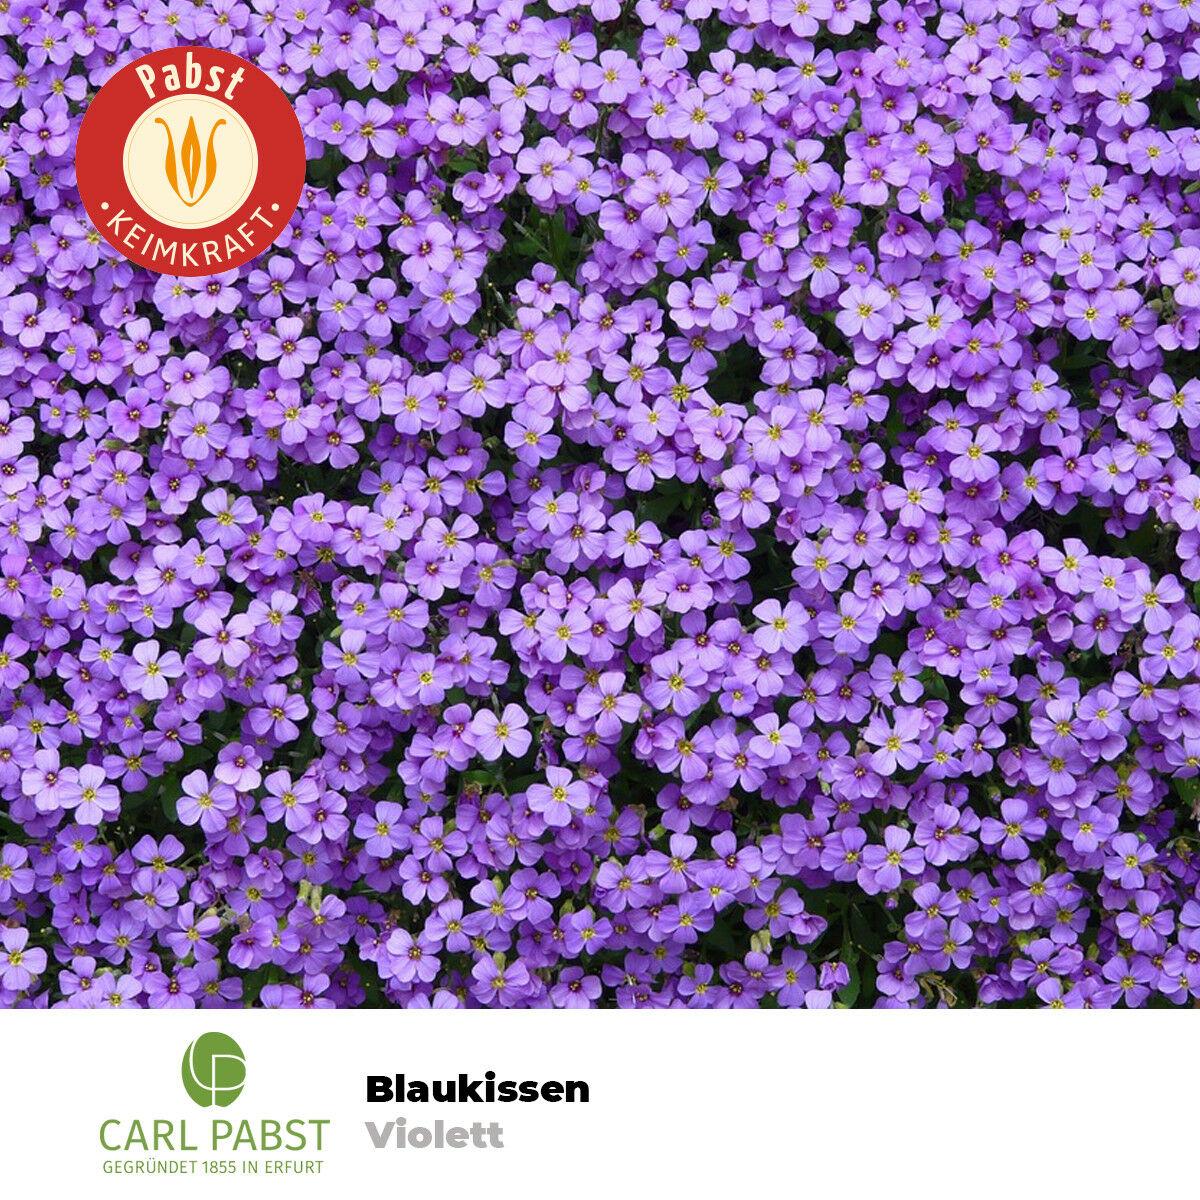 Junge Saatgut 100 Pfl Sämereien Kornbumensamen Staude Zyane Kornblume Blauer